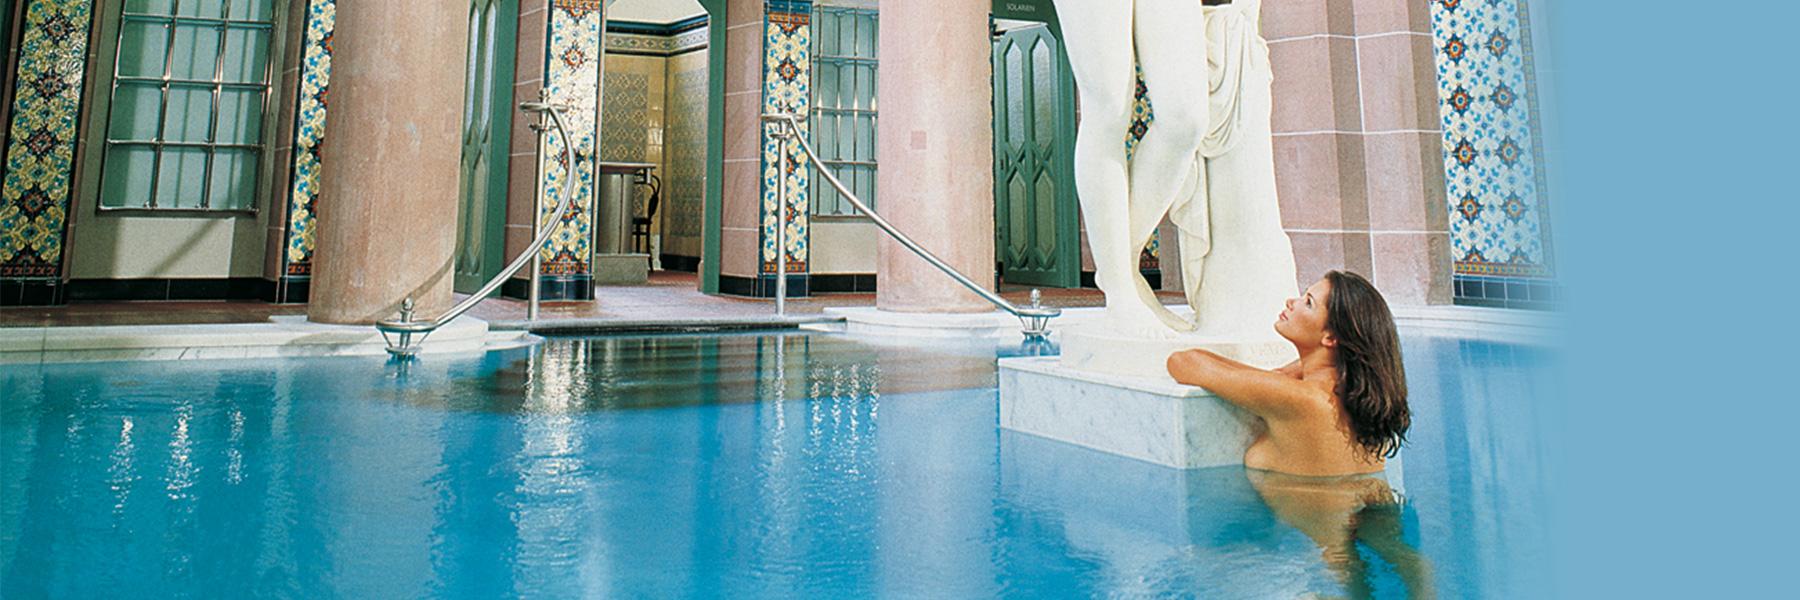 Full Size of Bad Wildbad Hotel Bergfrieden Barrierefreies Staffelstein Vorhang Dänisches Bettenlager Badezimmer Salzuflen Waschtisch Kaufen Bentheim Hotels Füssing Bad Bad Wildbad Hotel